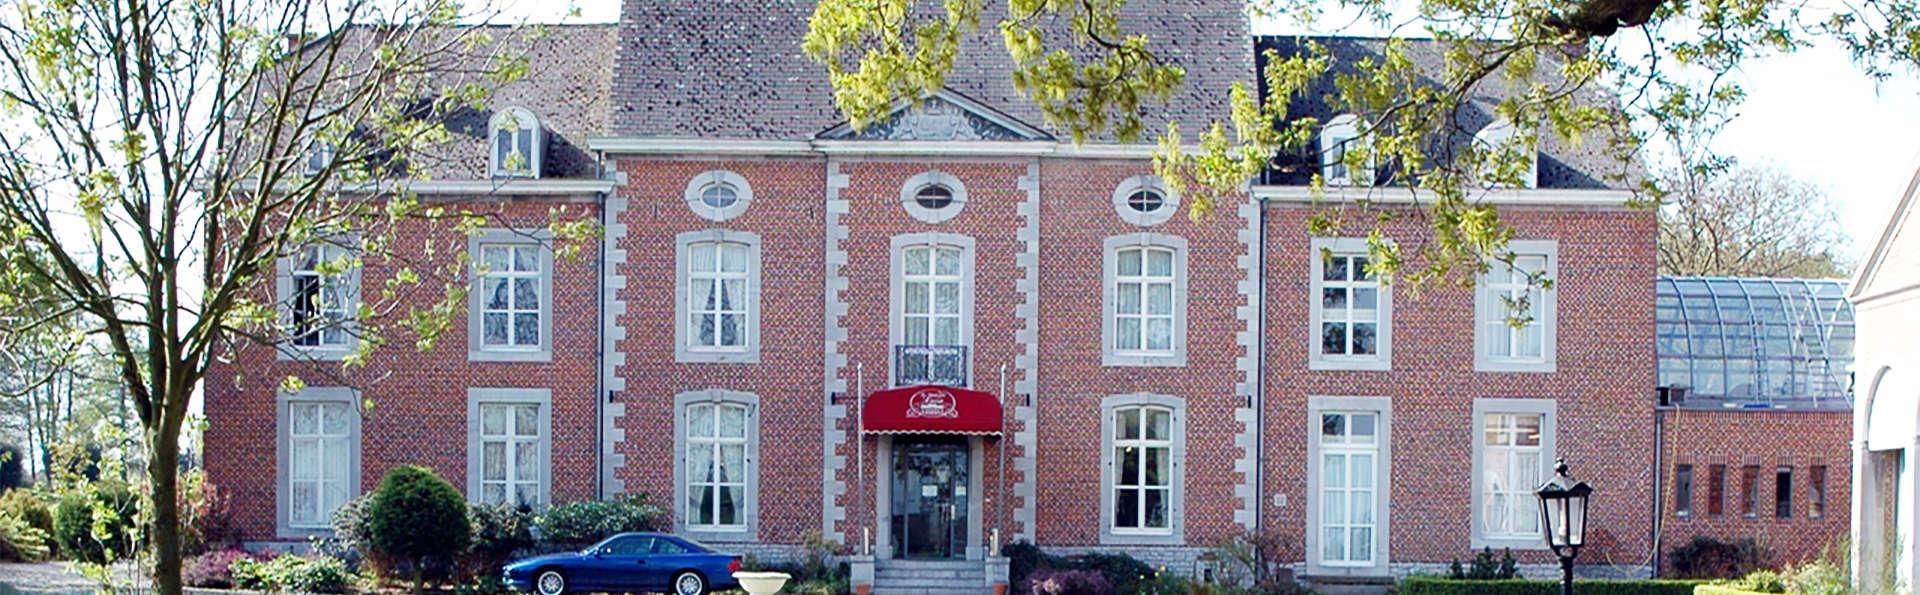 Château de Limont - EDIT_front.jpg